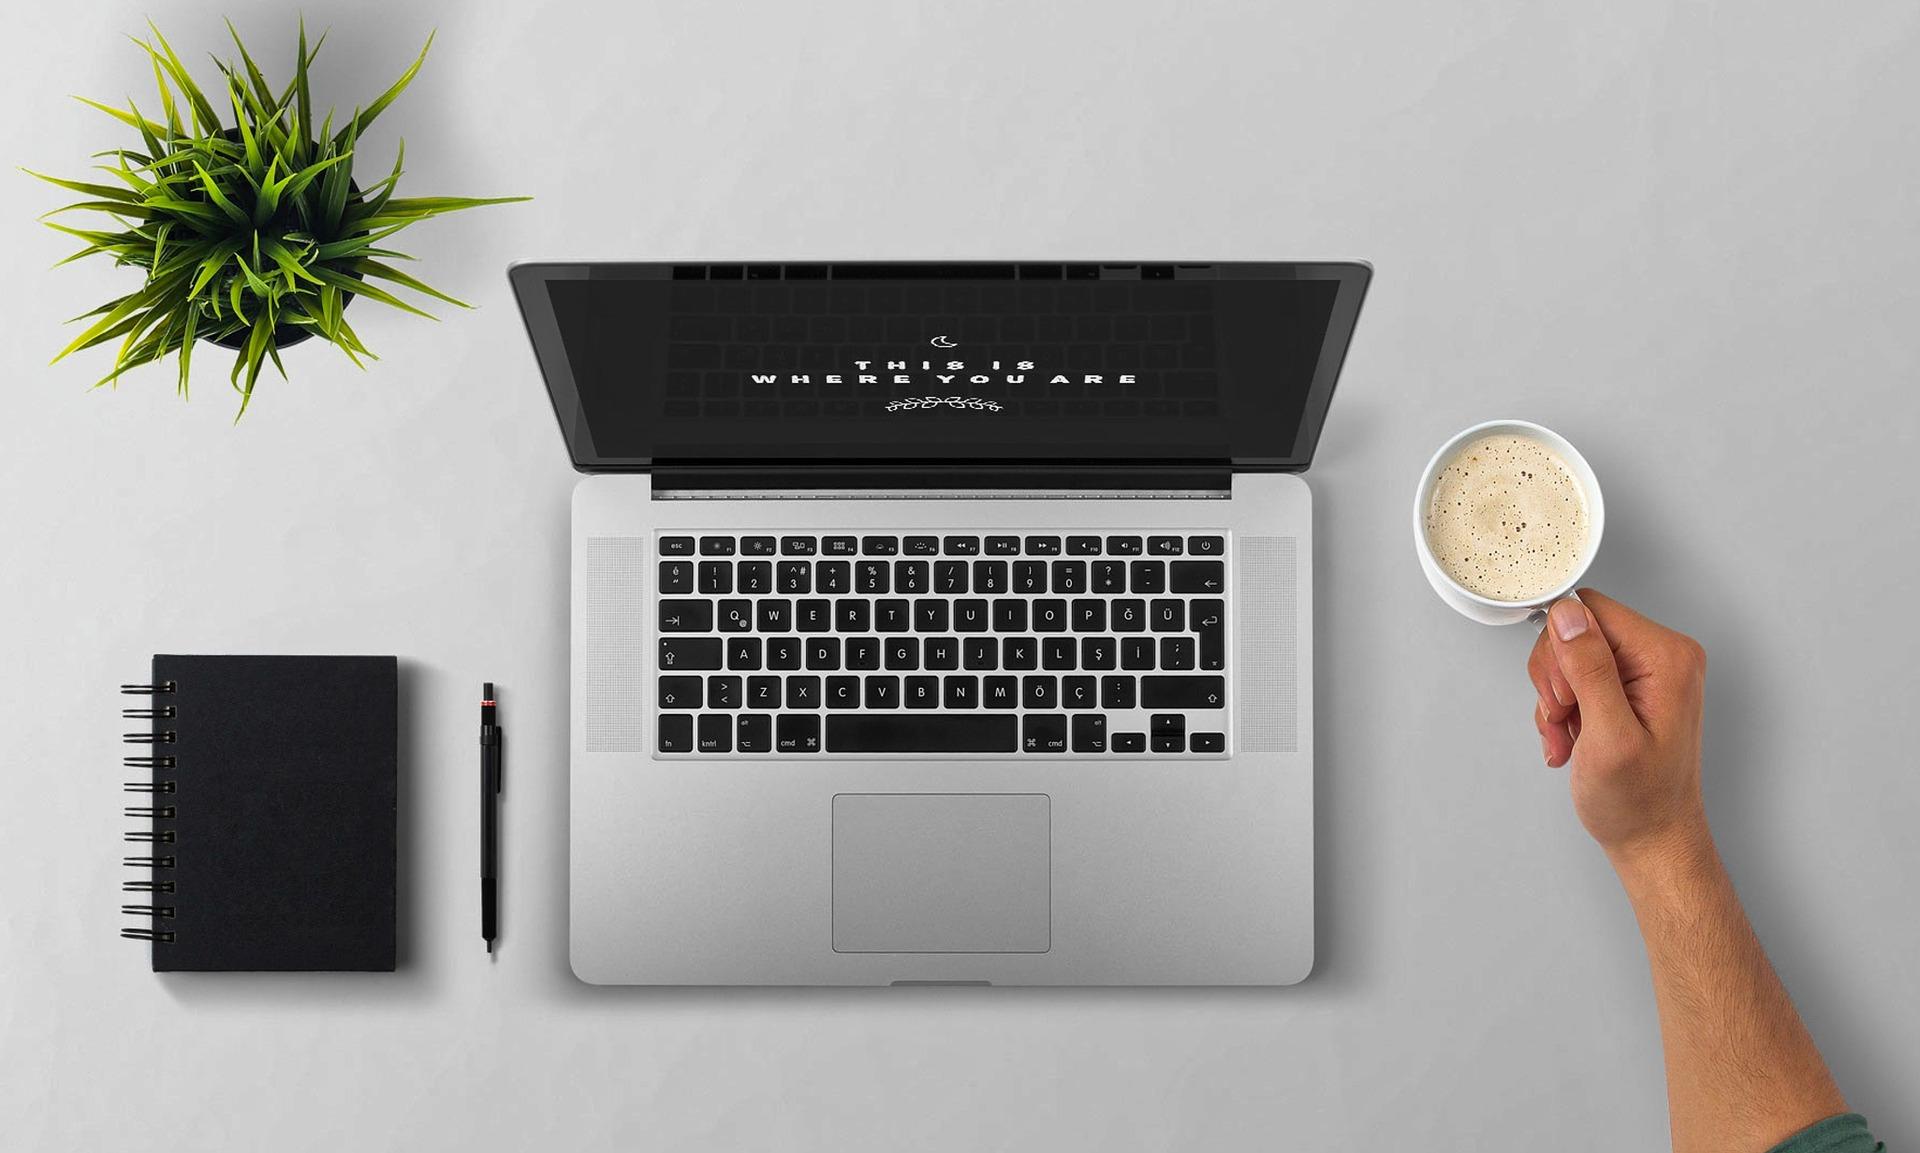 laptop-g761966d99_1920